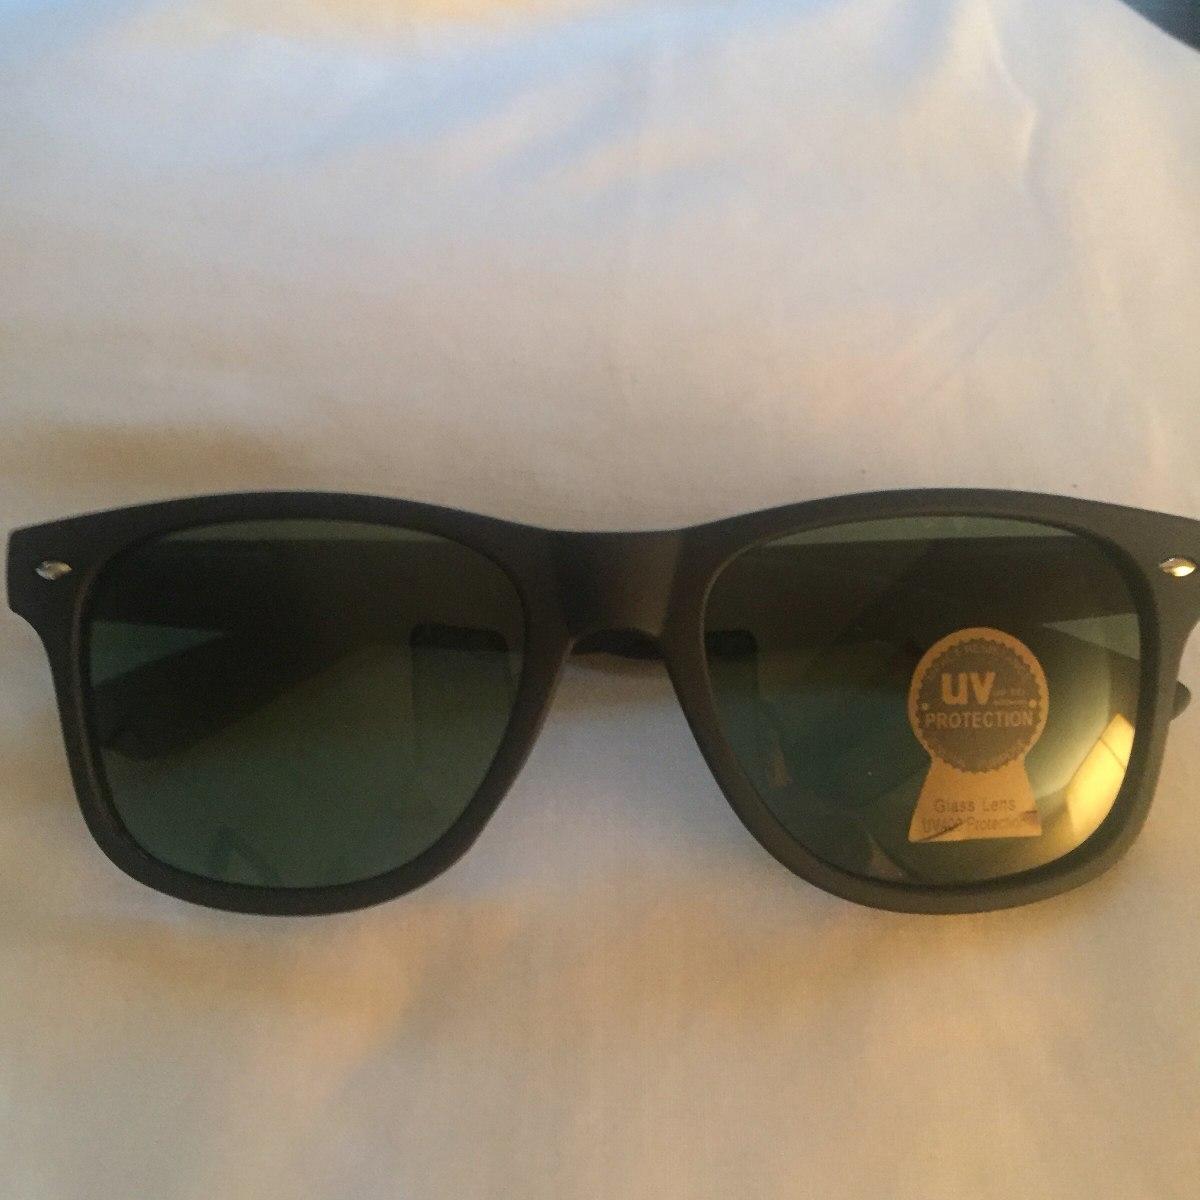 304f67ba8c Lentes Sol Tipo Rayban Jack Nicholson - $ 490,00 en Mercado Libre